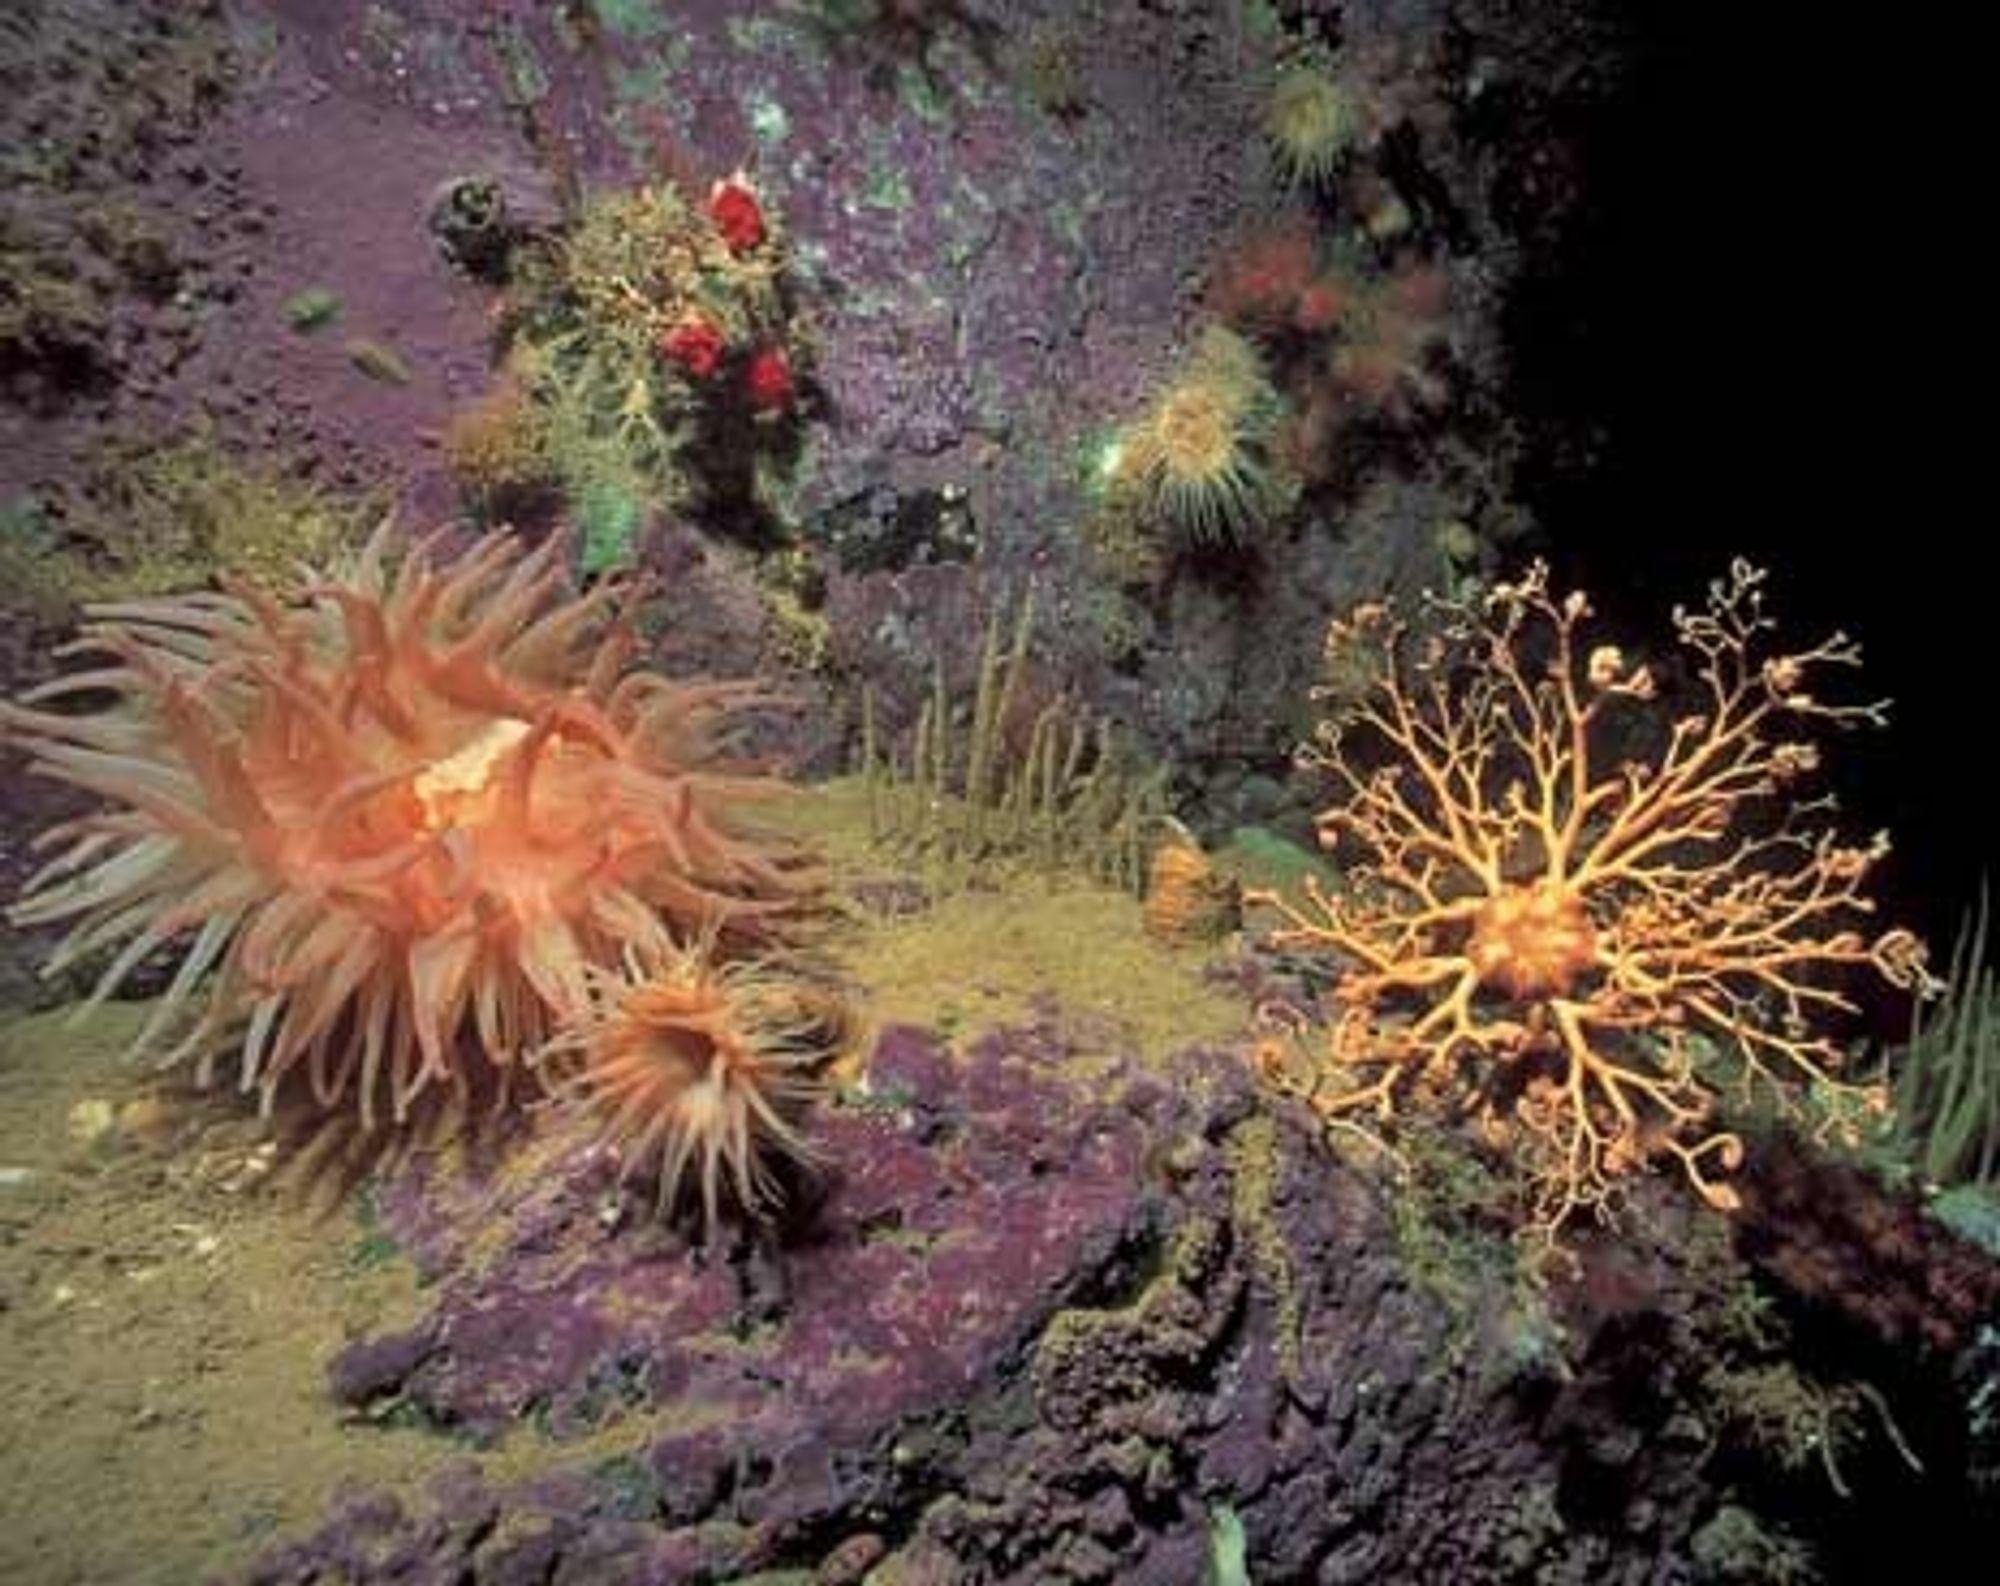 Bioteknologiselskaper ser store muligheter i sjøen og på havets bunn. Her kan det ligge store medisinskatter.